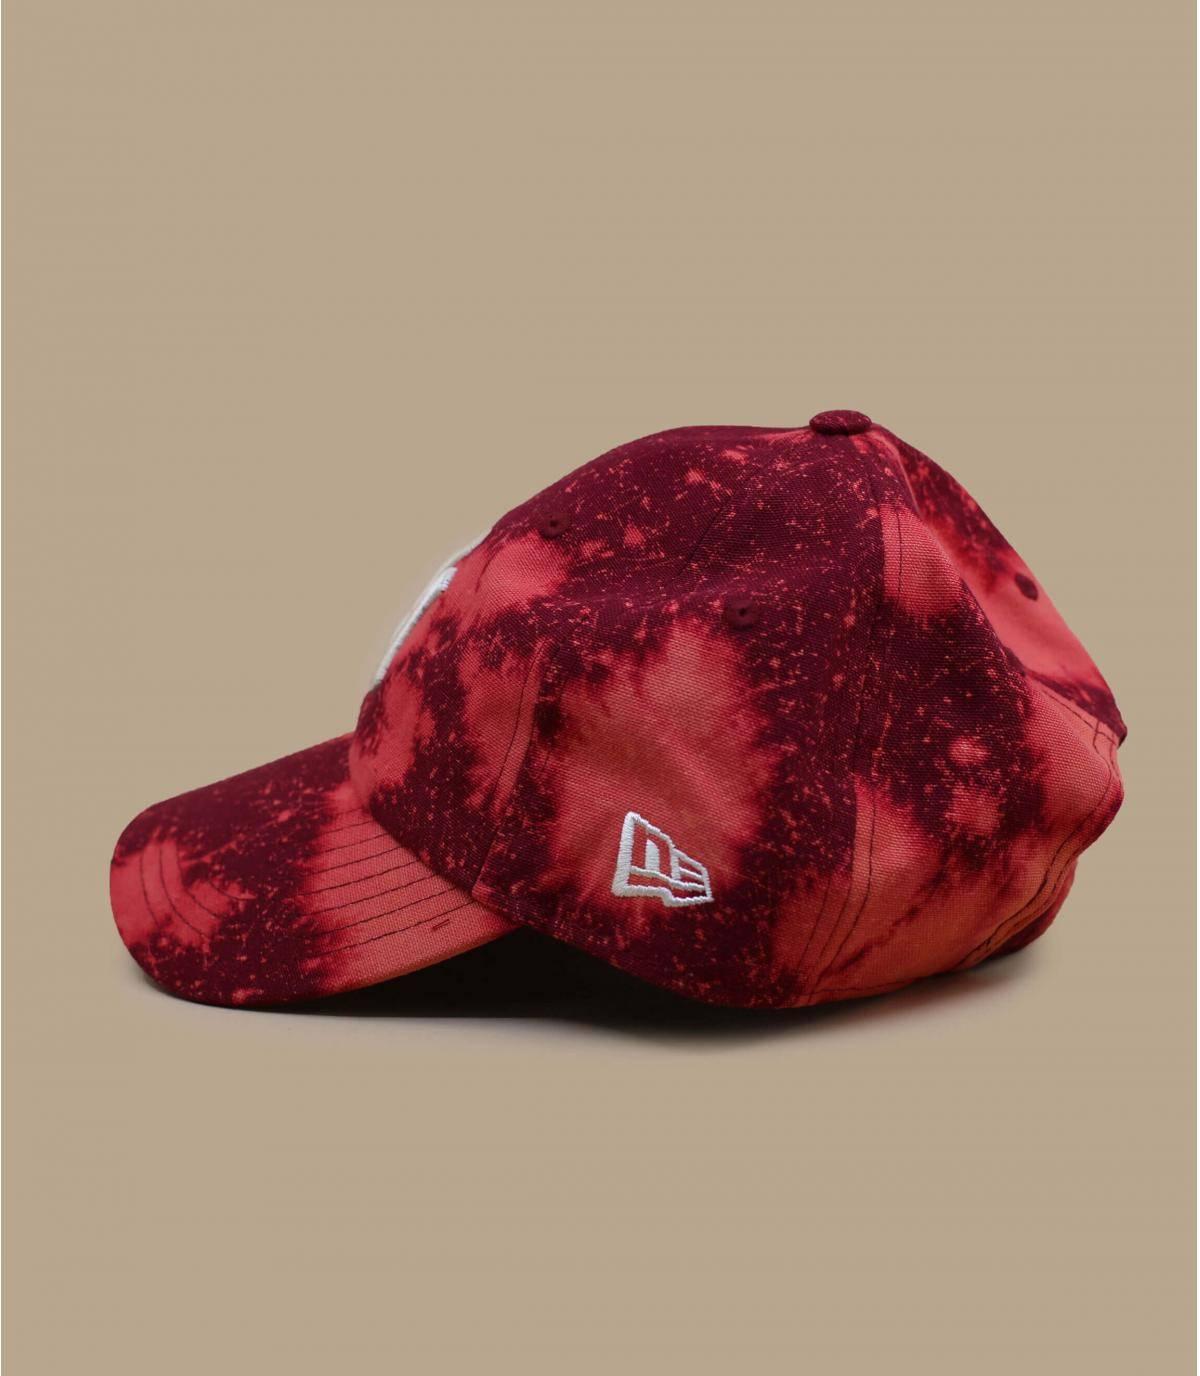 Dettagli Wash Canvas CSCL 920 NY hot red - image 3